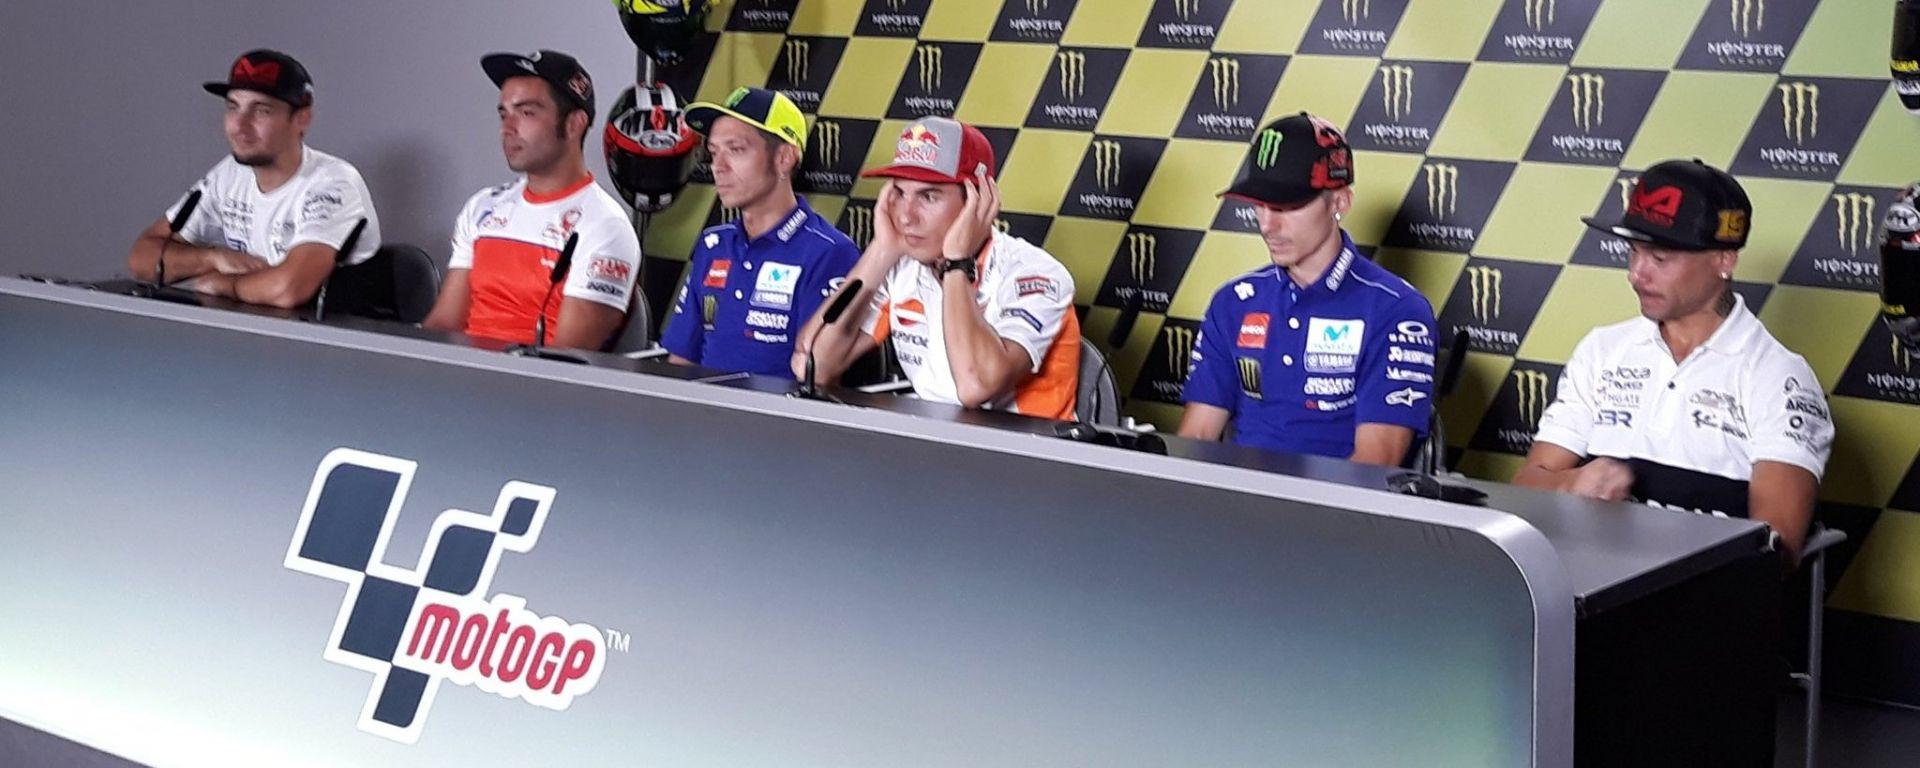 GP Repubblica Ceca 2018, Brno: la conferenza stampa con Abraham, Petrucci, Rossi, Marquez, Vinales e Bautista